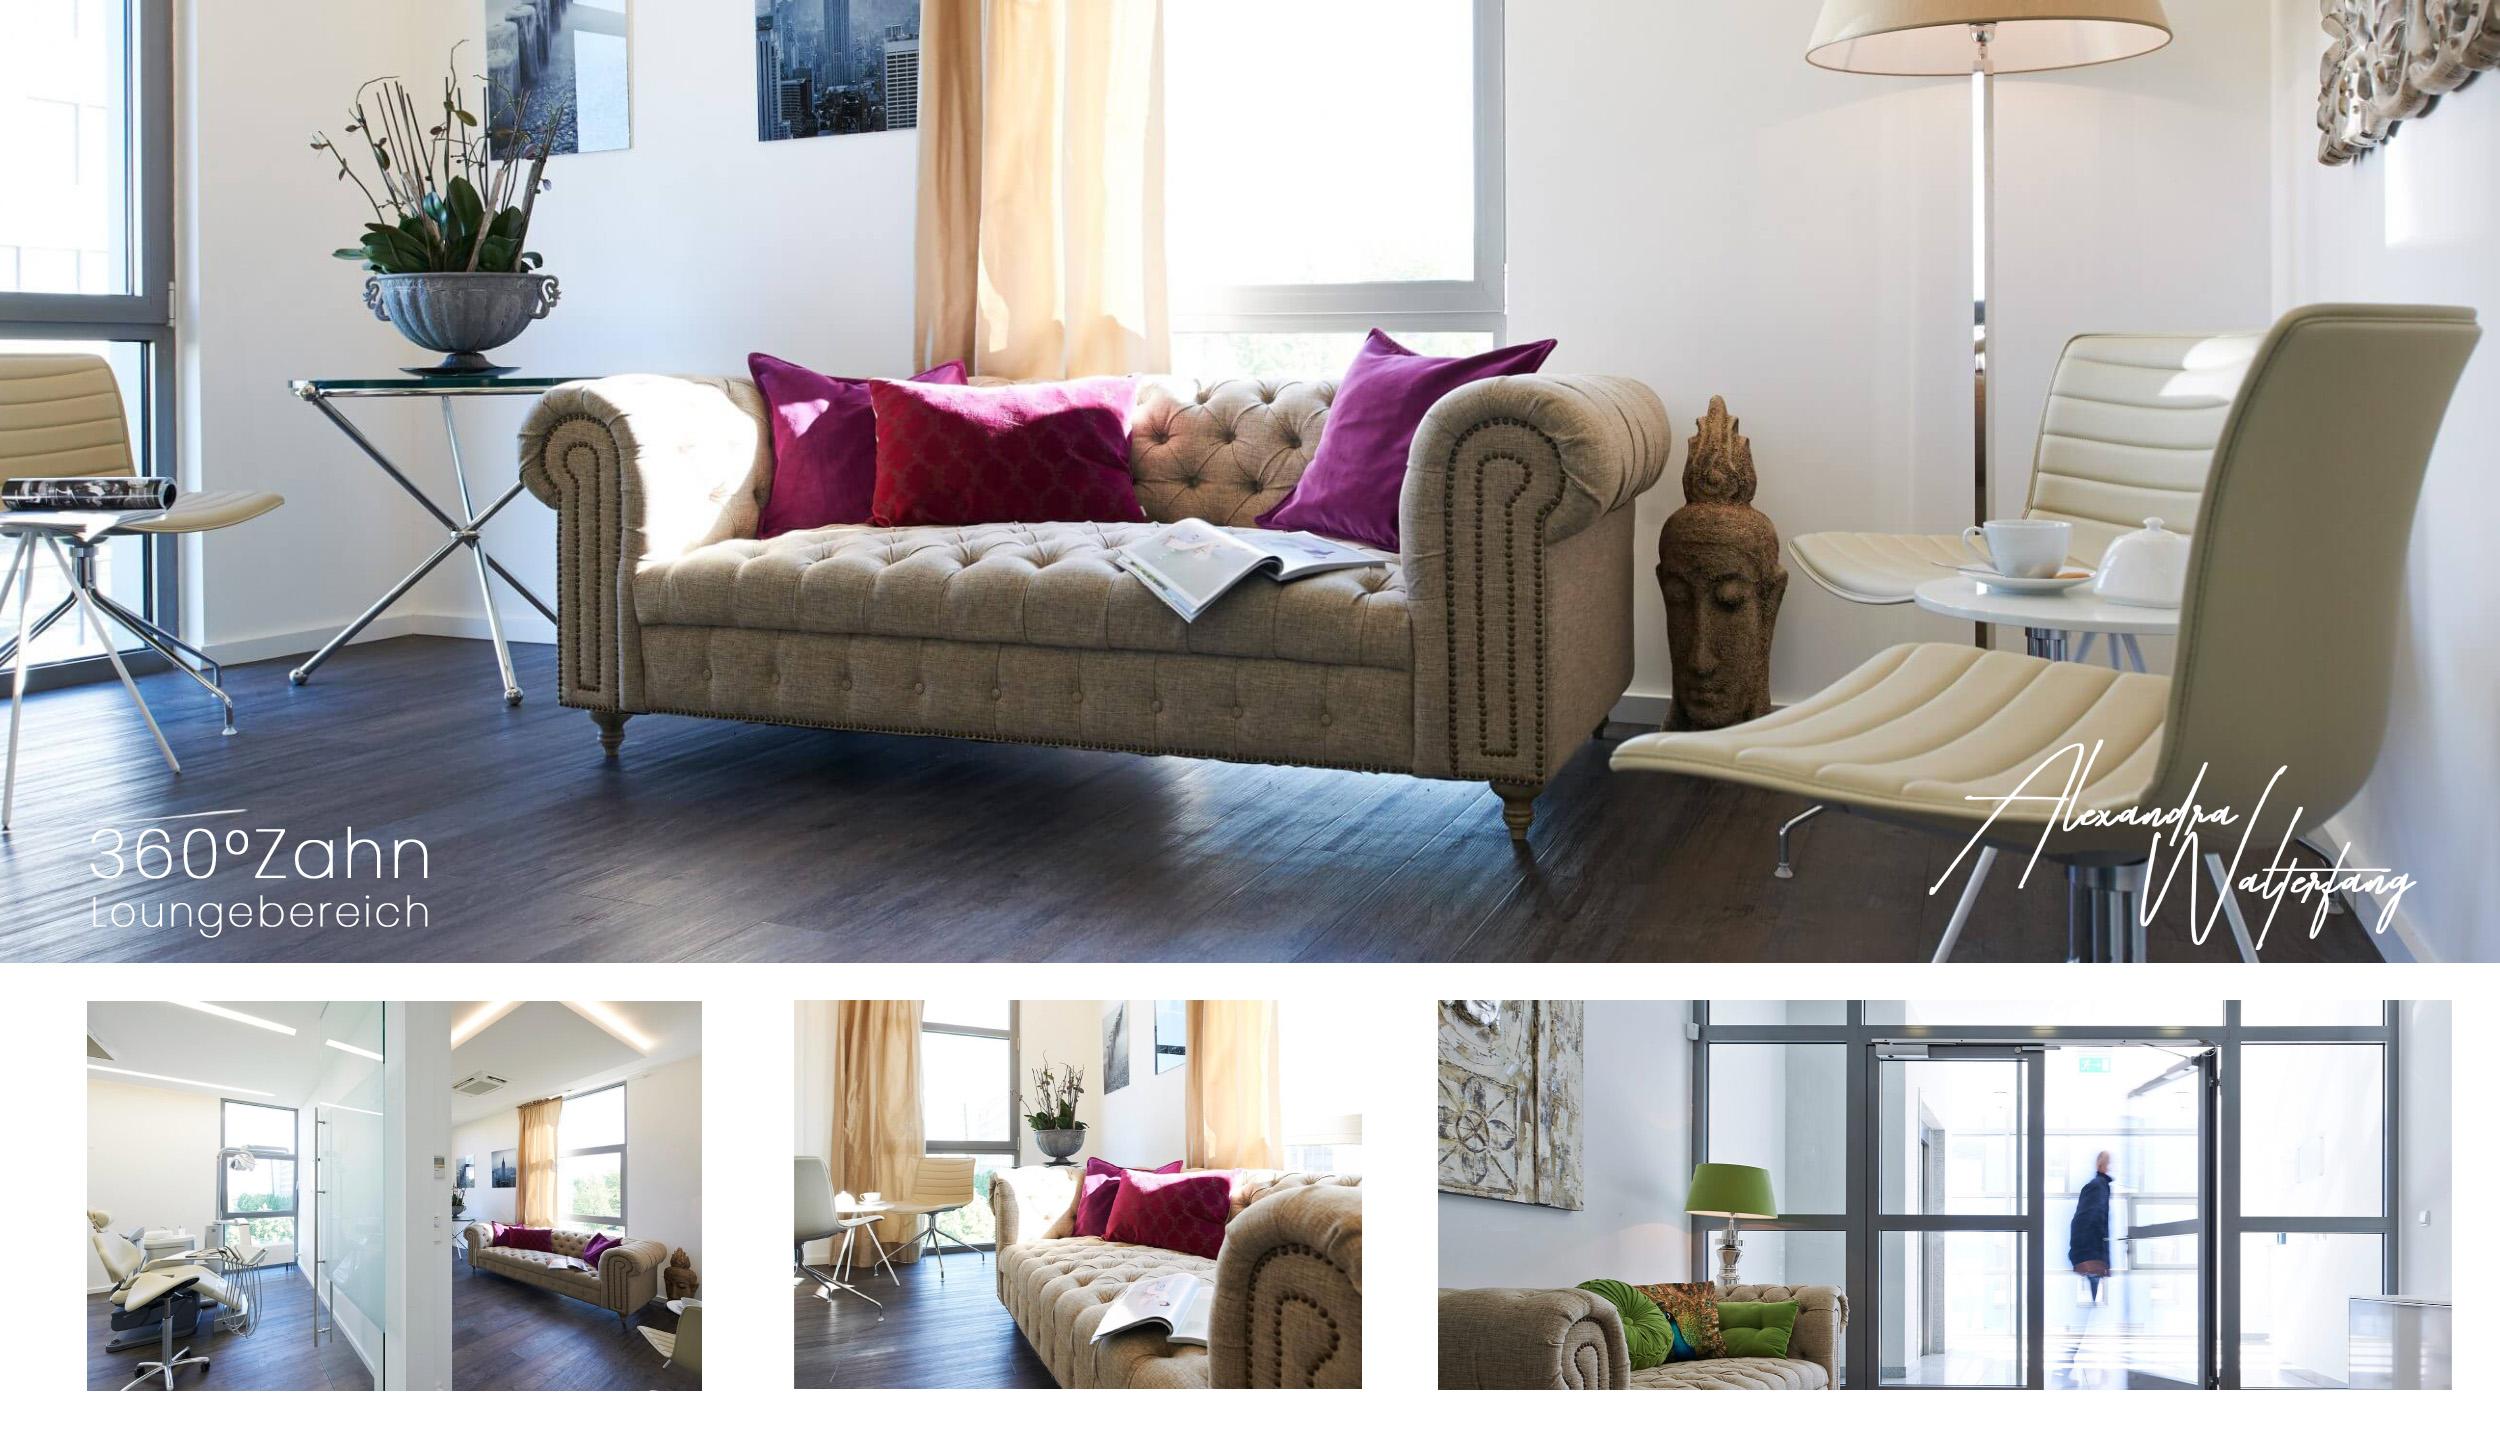 360 Lounge Alexandra Walterfang Bruma Immobilien.jpg